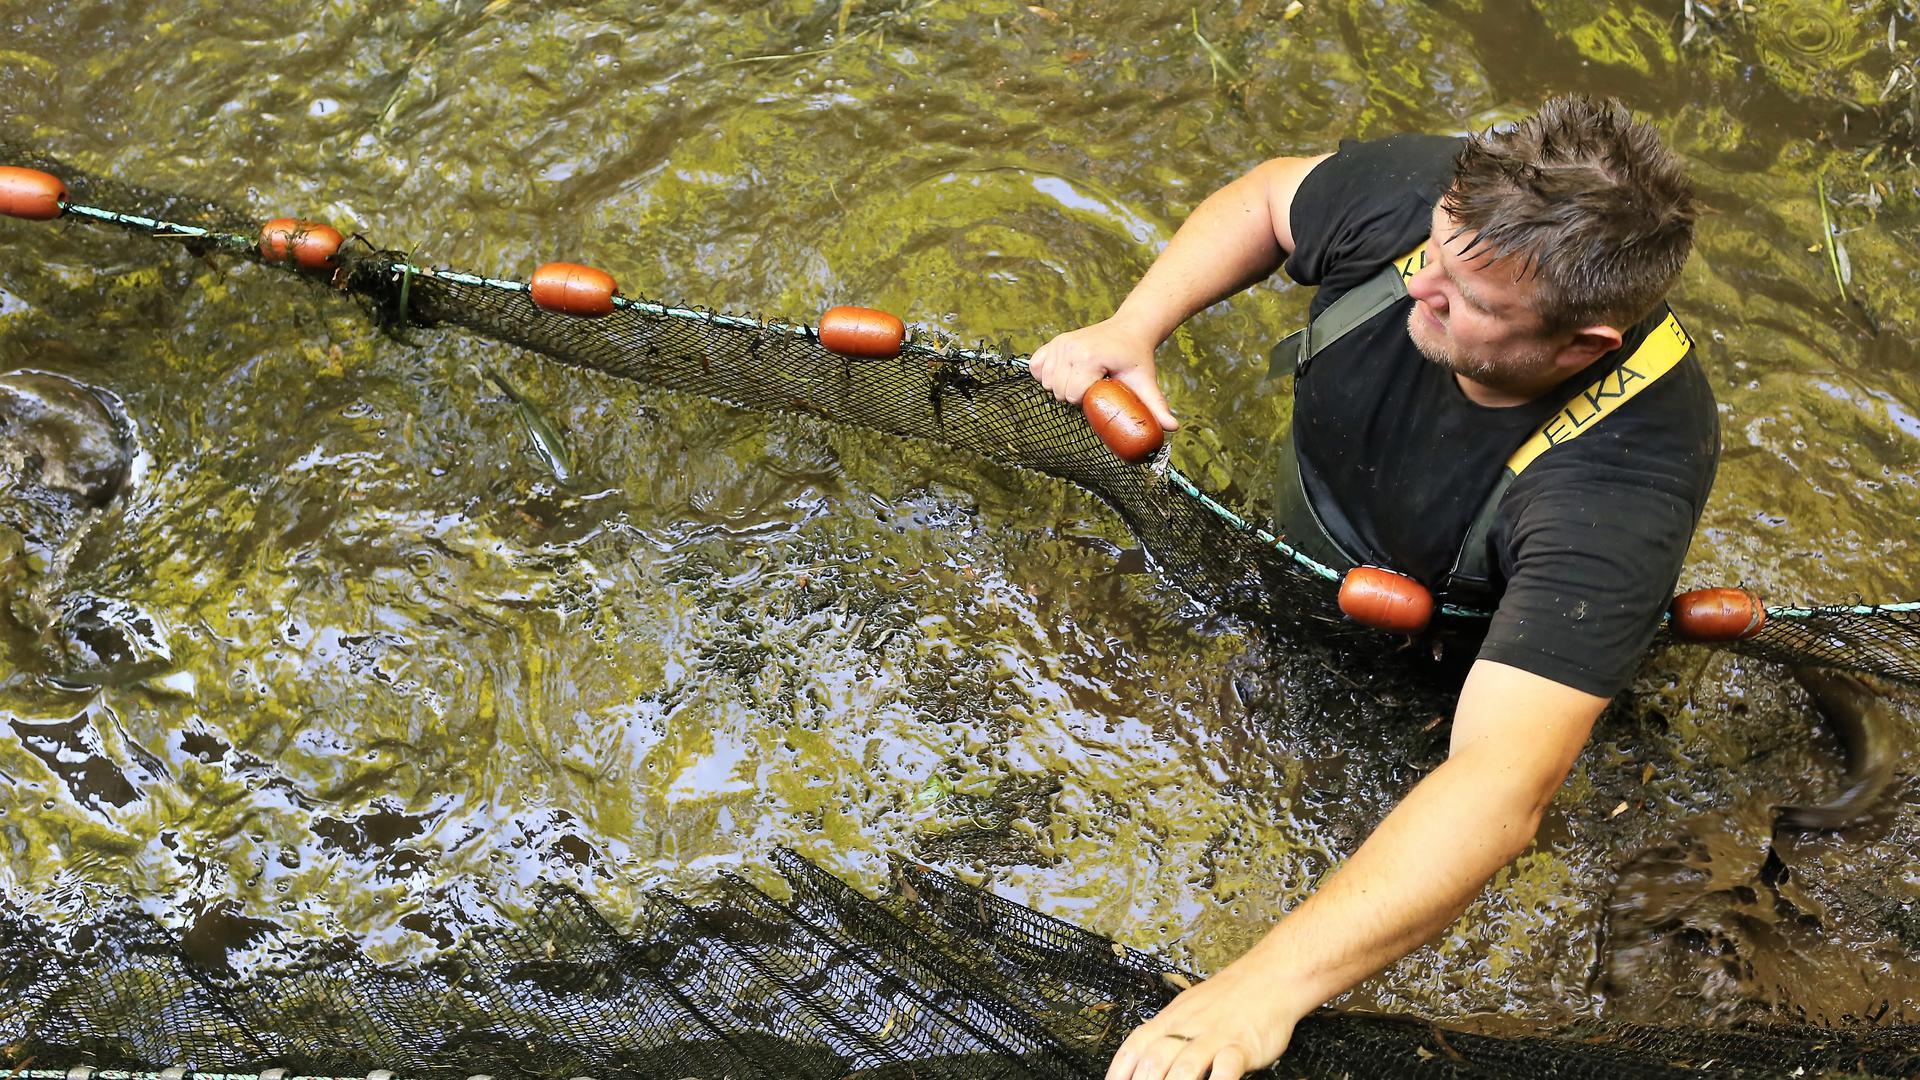 Handarbeit am Mühlkanal: Mit einem speziellen Netz werden große Fische aus dem alten Kanal gezogen.